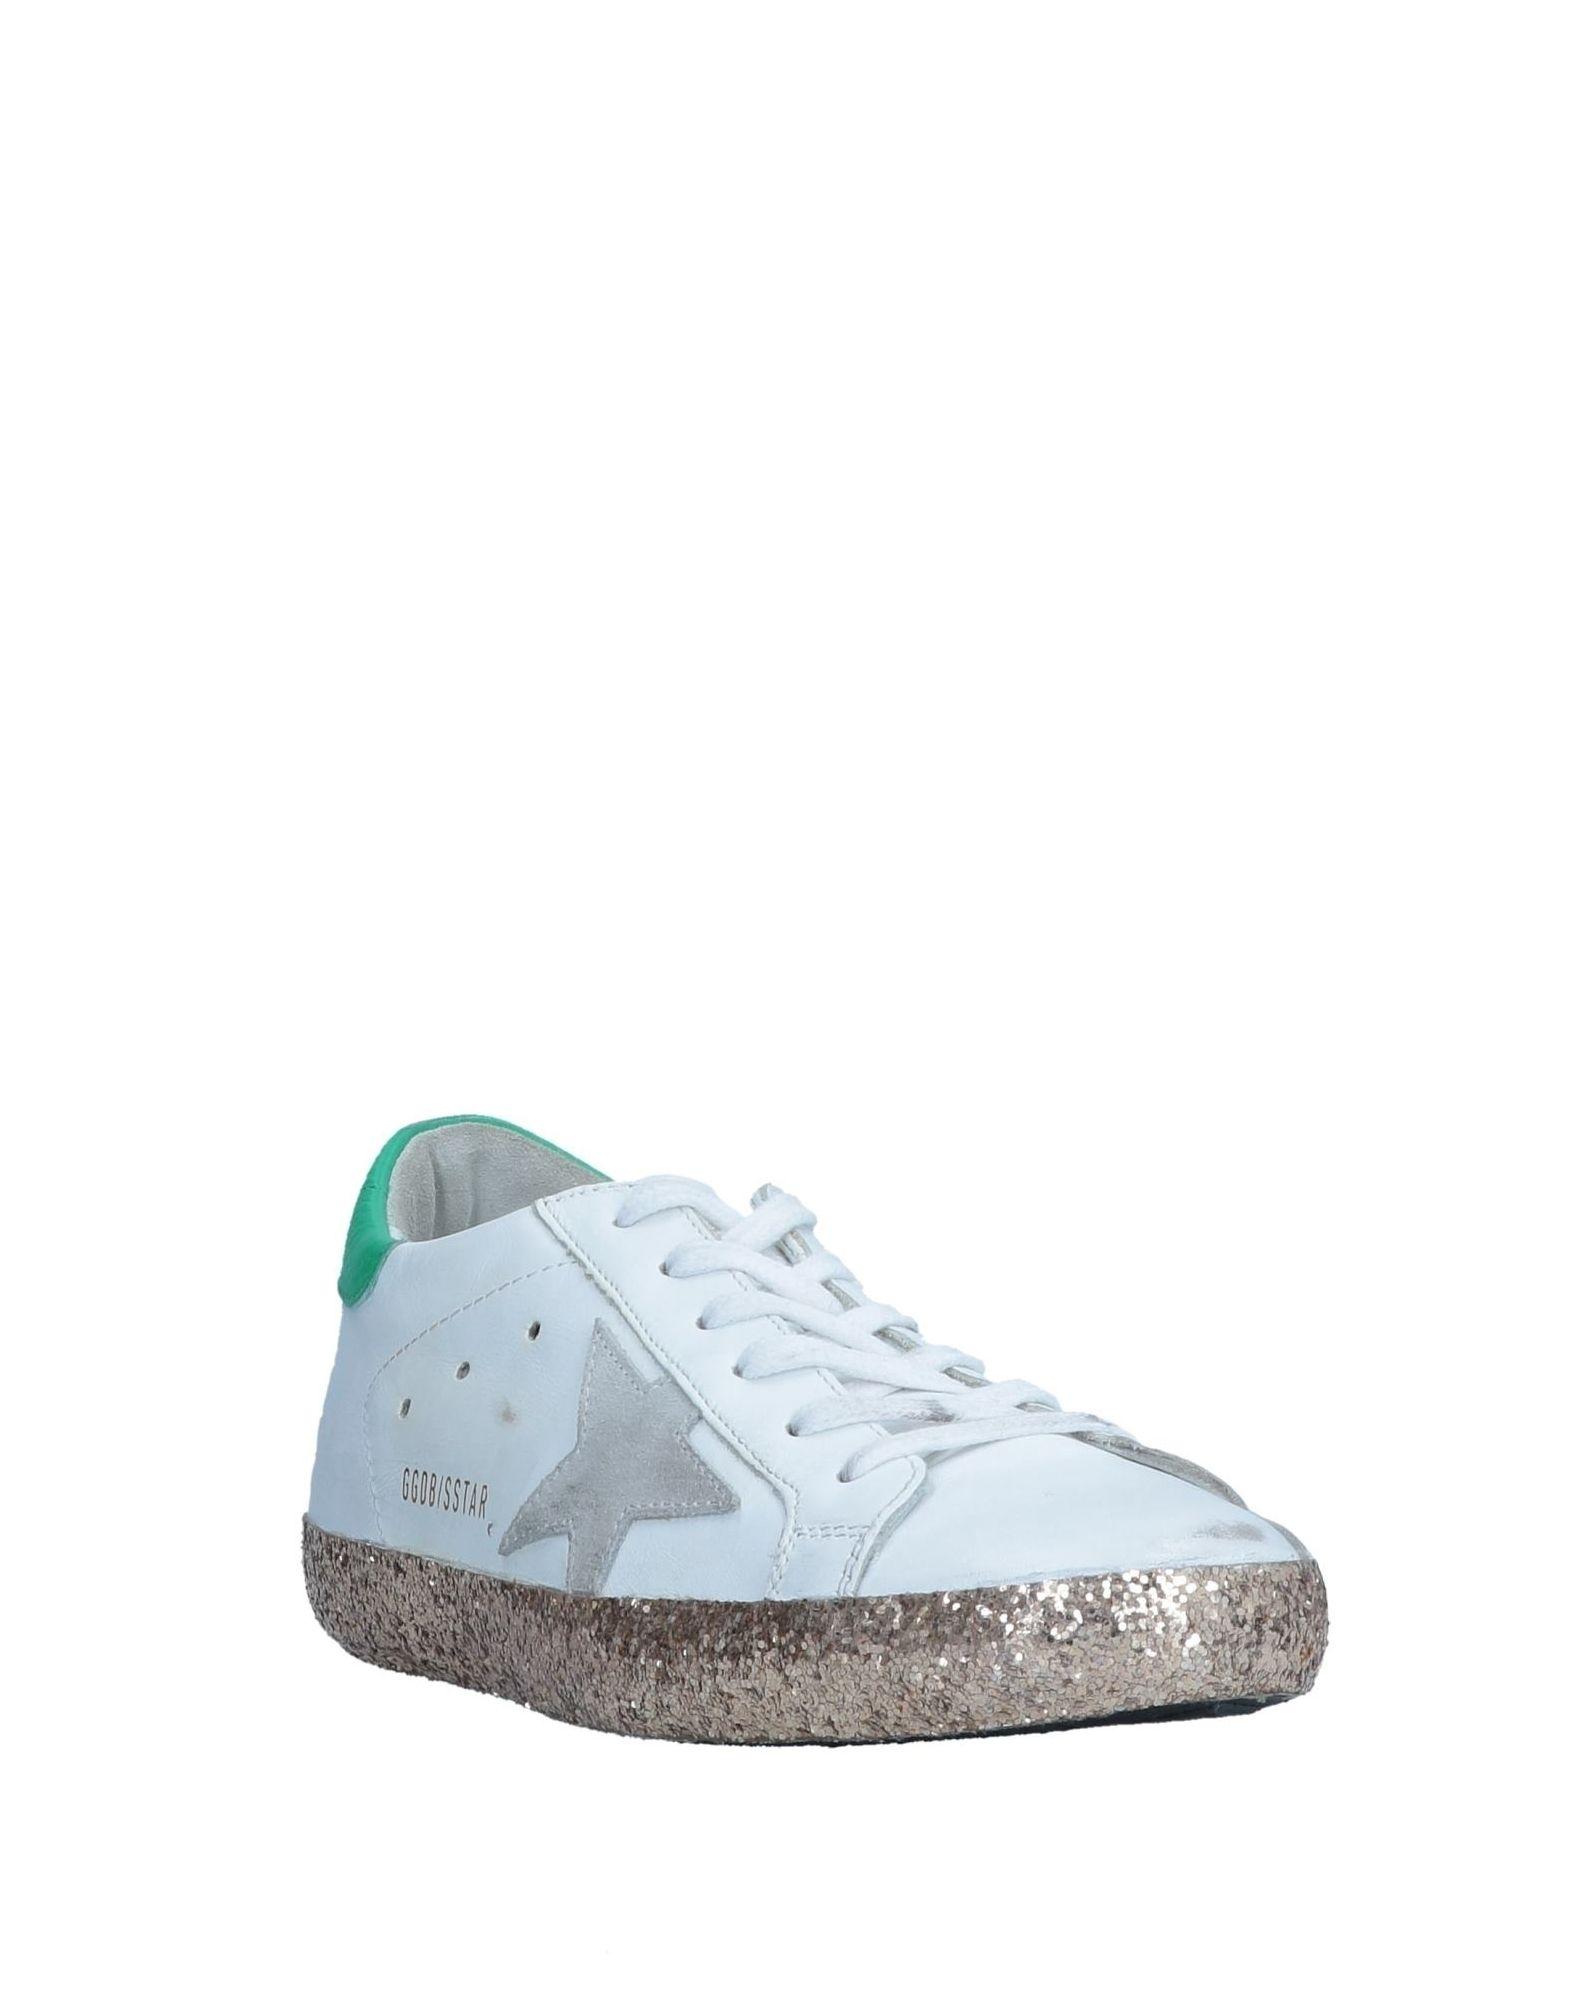 Rabatt Schuhe Golden Goose Deluxe Deluxe Deluxe Brand Sneakers Damen  11548183GX b833fe